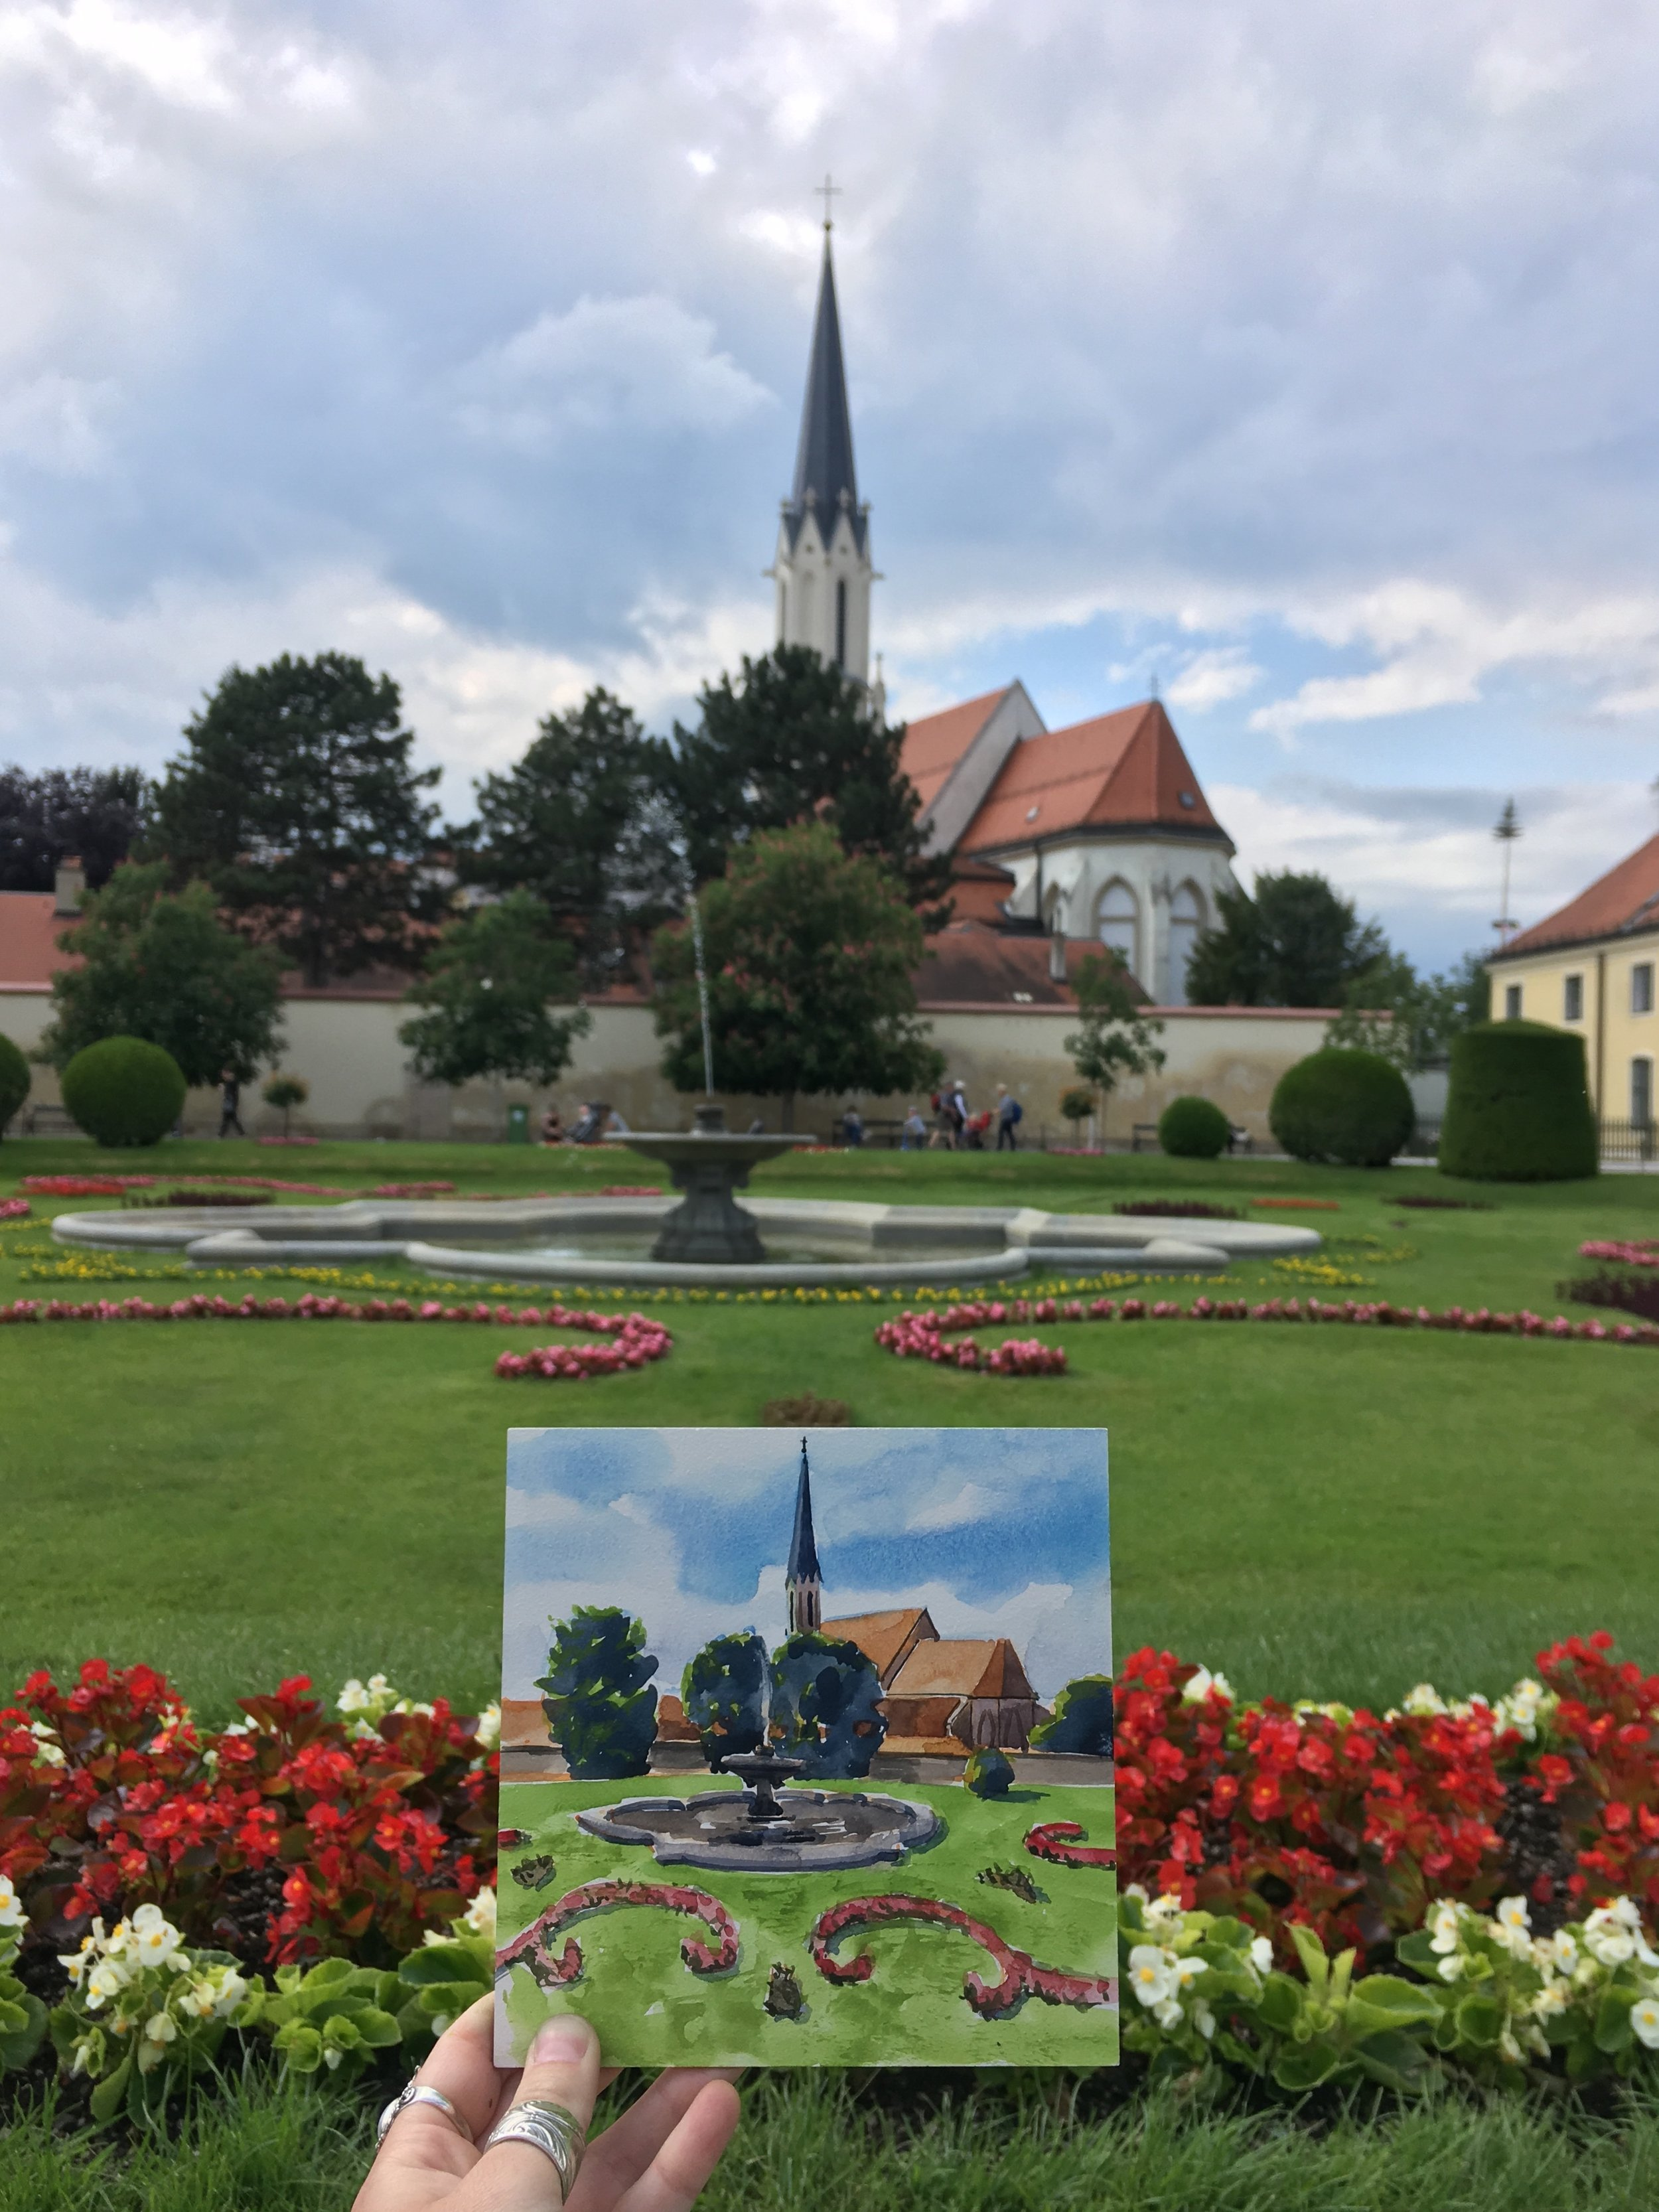 Steeple in Austria